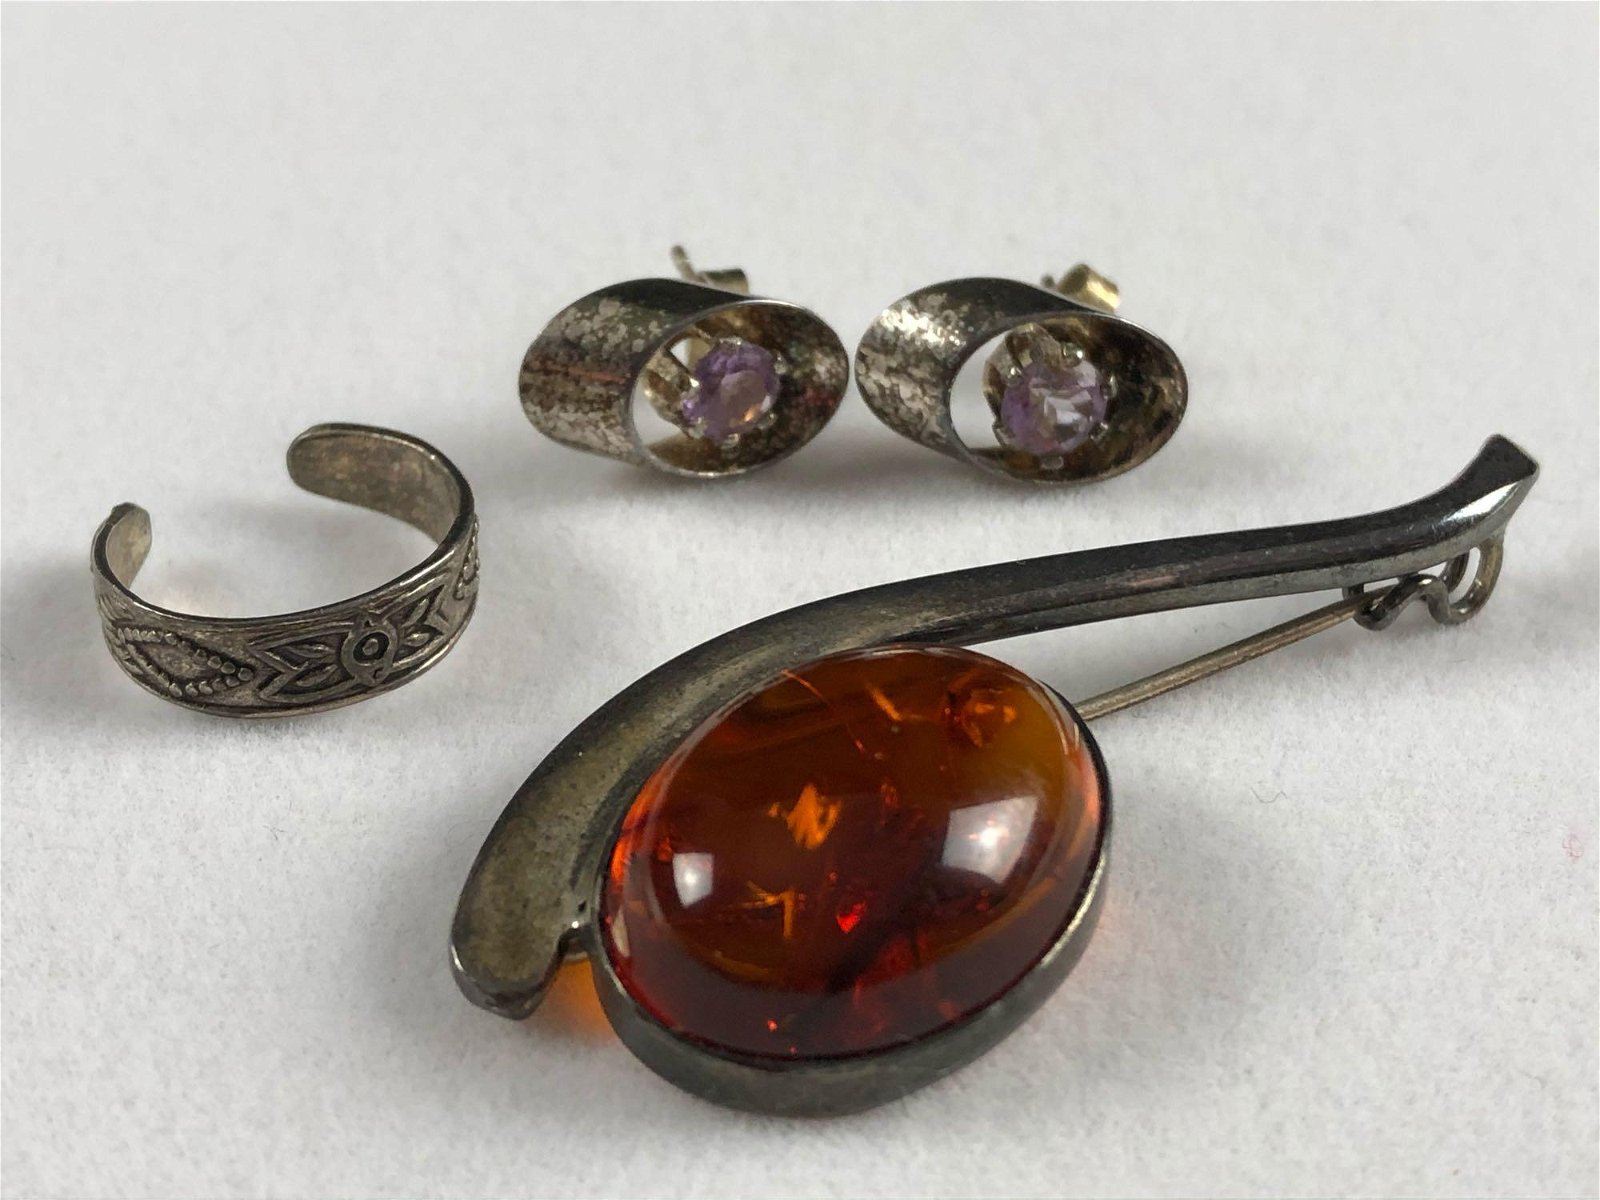 Vintage Sterling Silver Brooch Earrings Ring